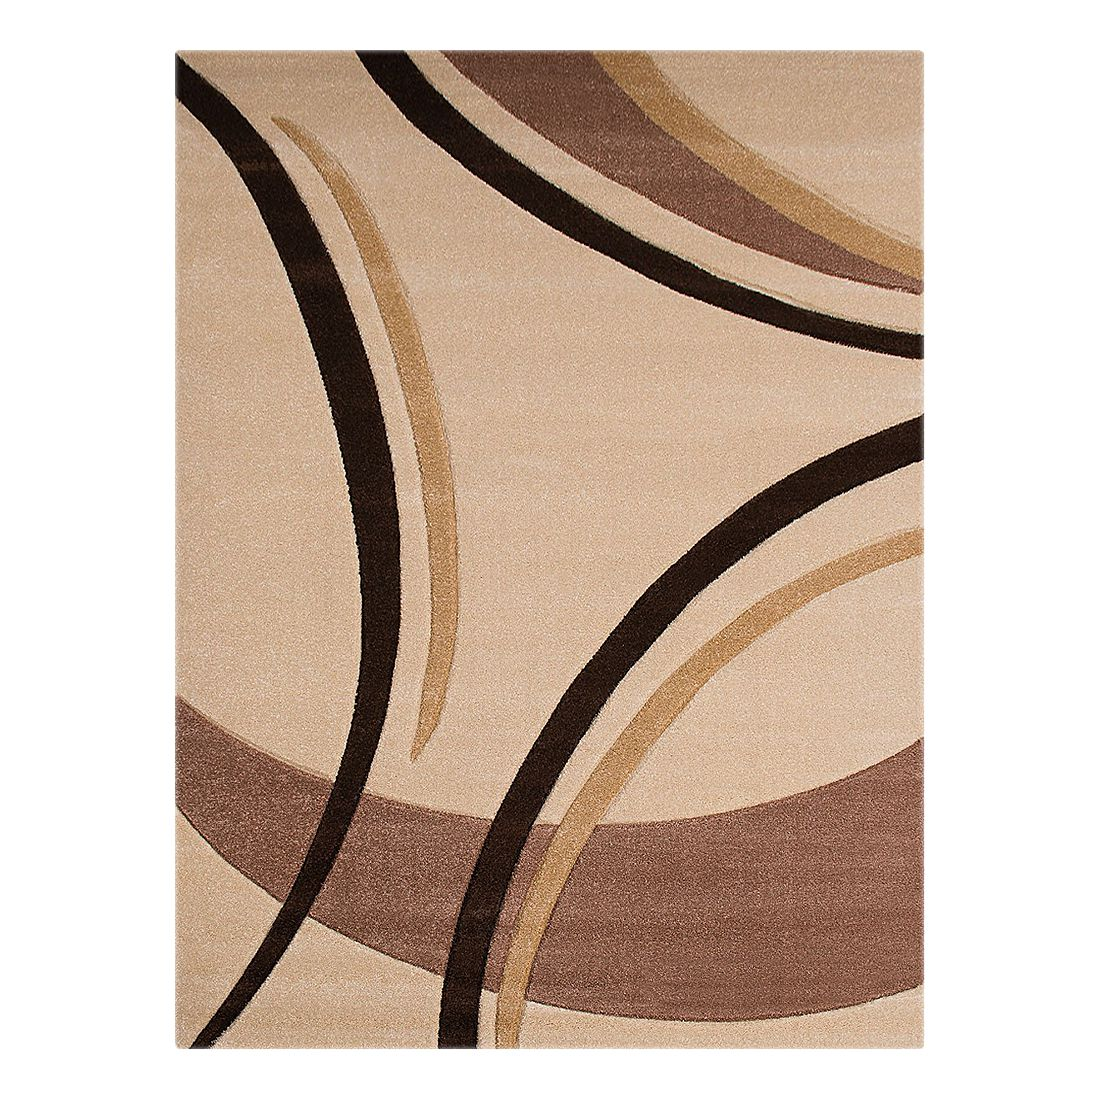 Teppich Nea Linien I – Creme – 120 x 170 cm, Testil bestellen